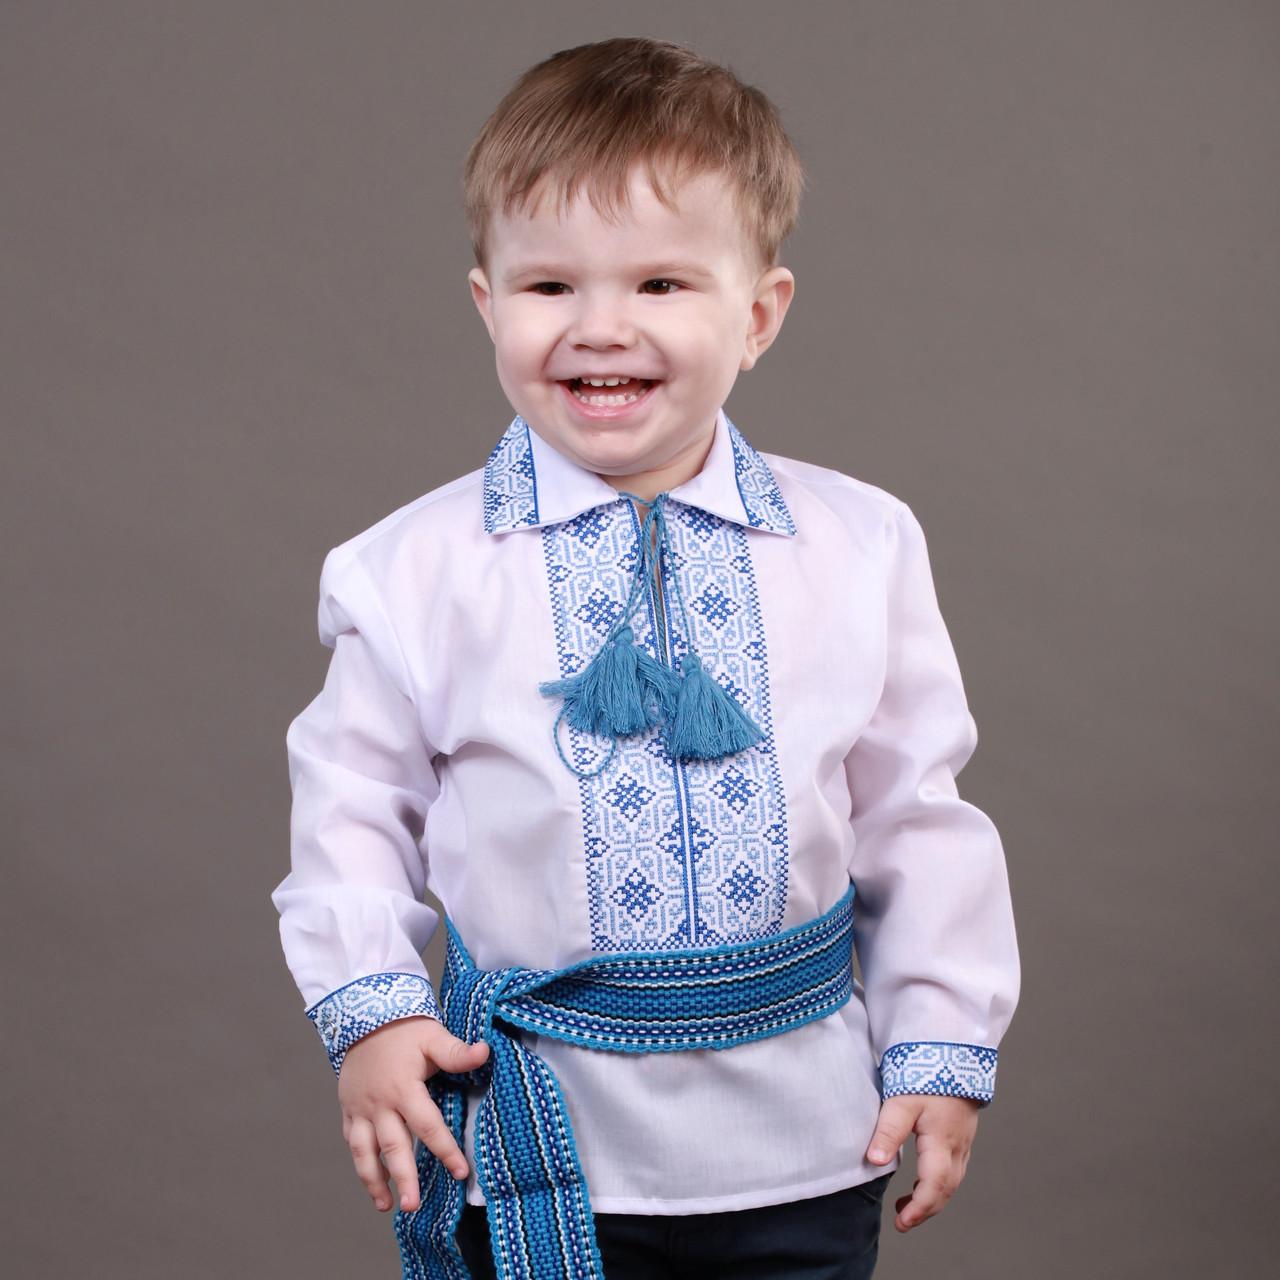 Українська вишиванка для хлопчика на ріст 86-110см 535158aadb58b